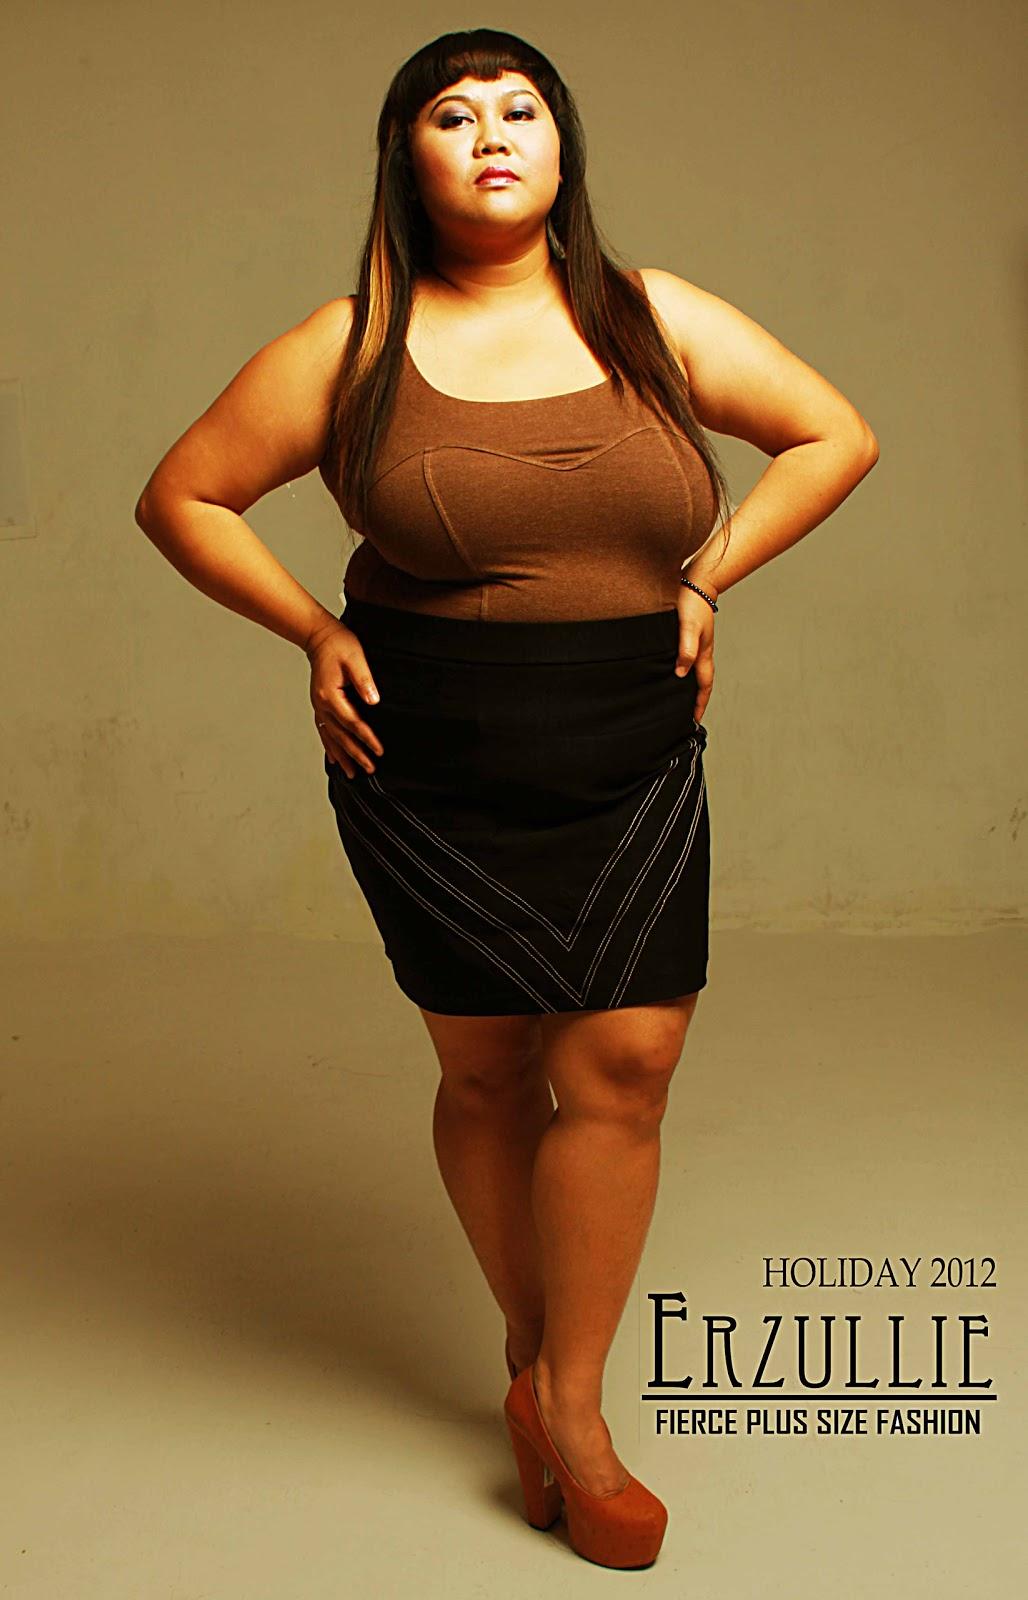 Erzullie Fierce Plus Size Fashion Philippines: DAY 2 ...